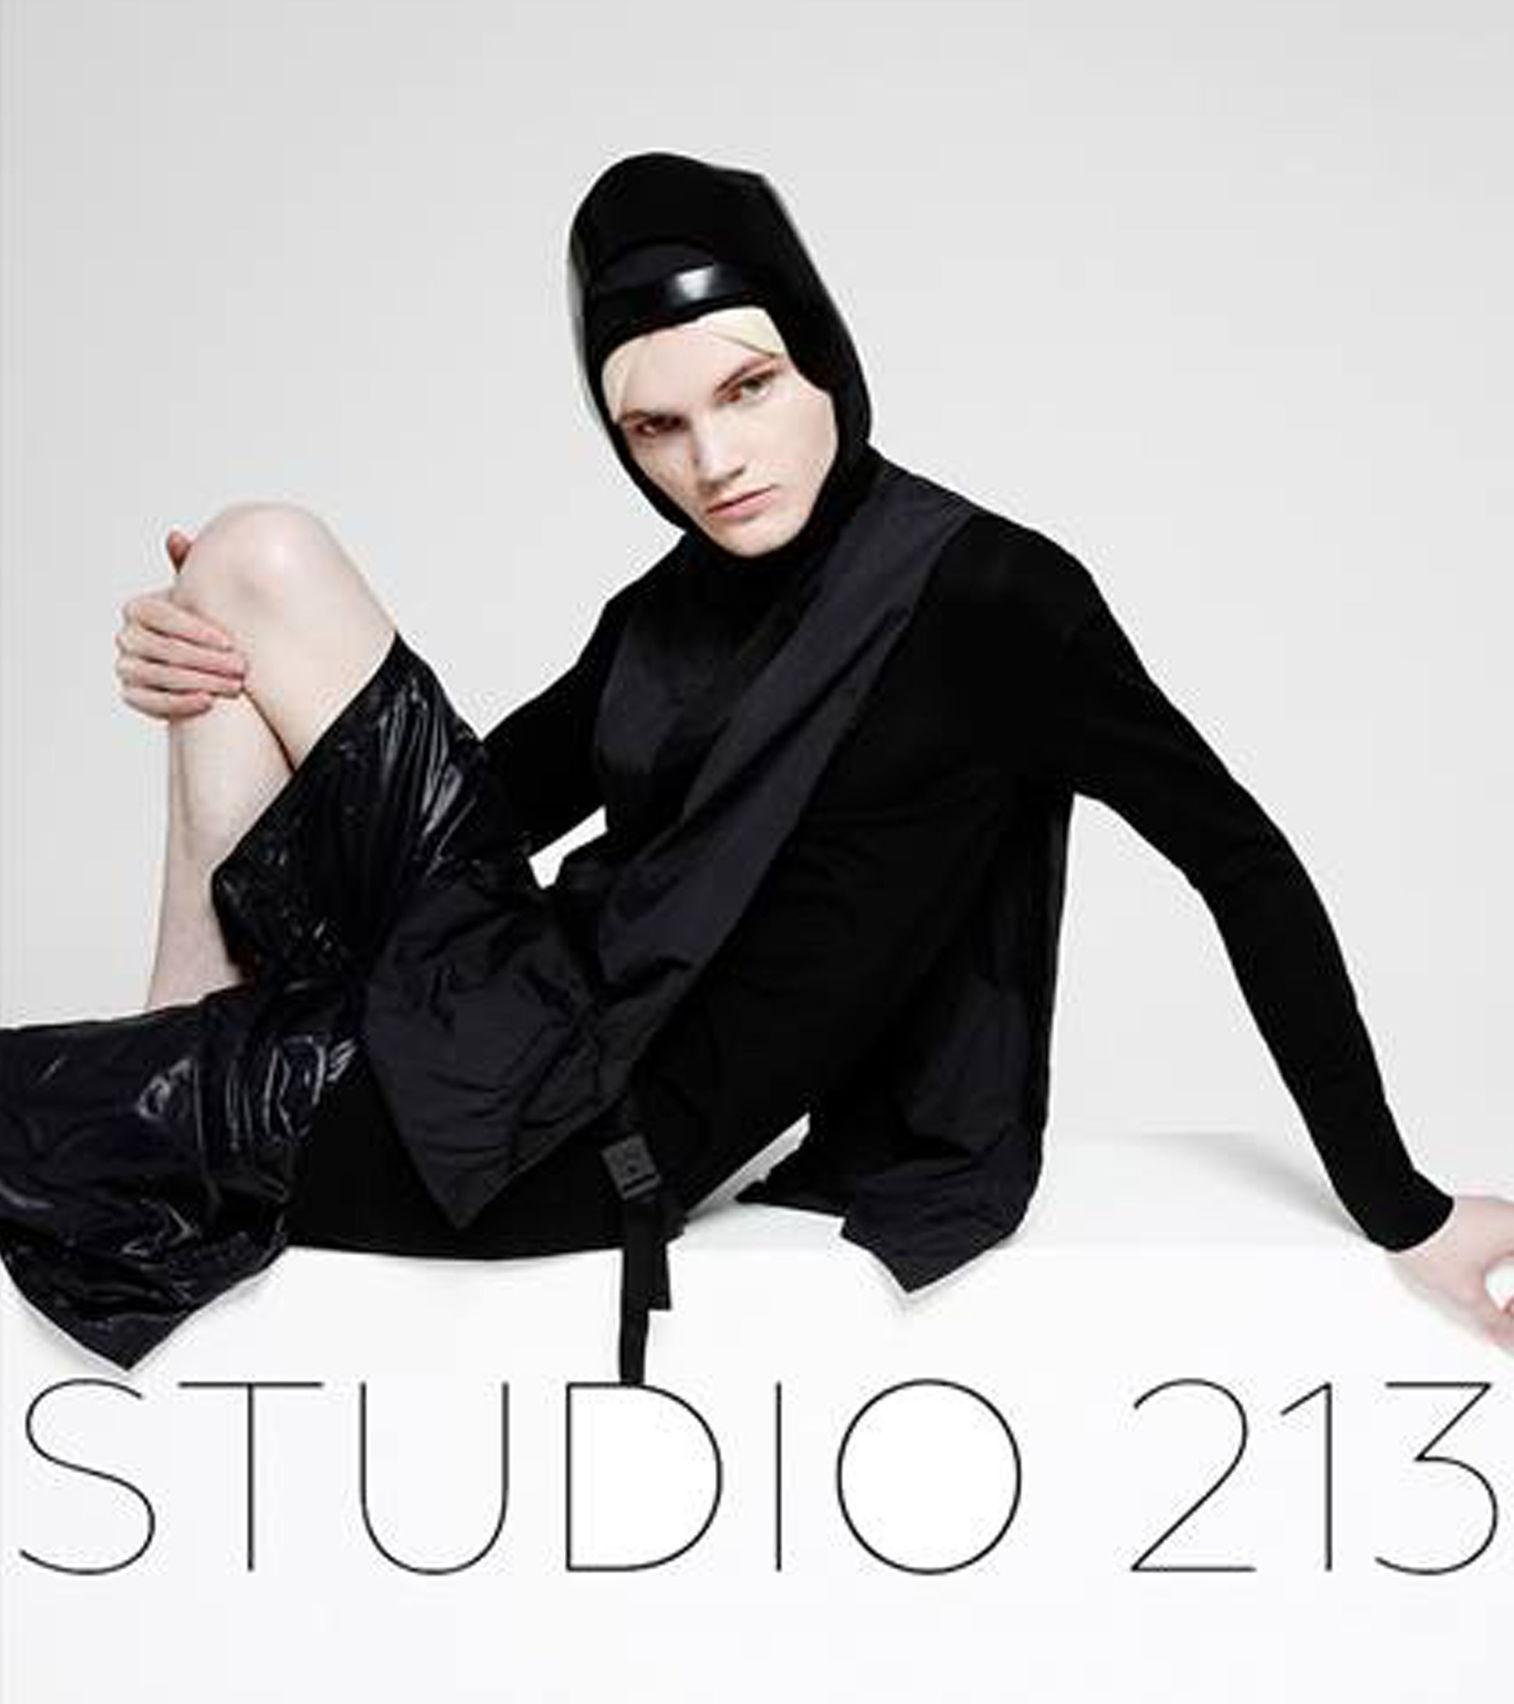 London Photographic Studio, STUDIO 213